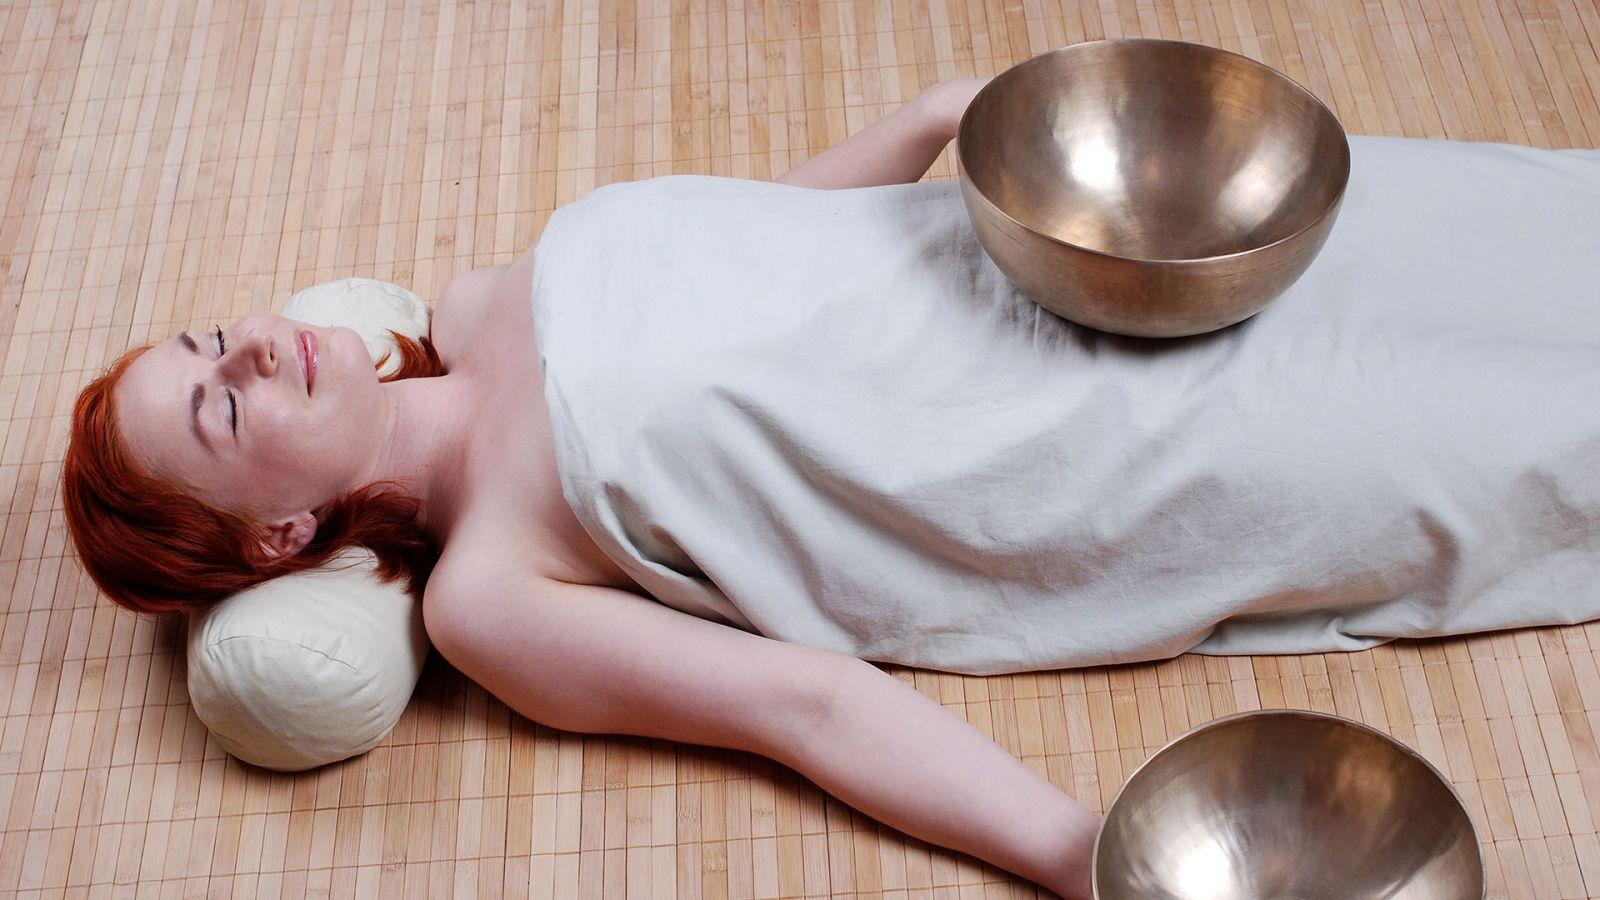 Тайский откровенный массаж 15 фотография